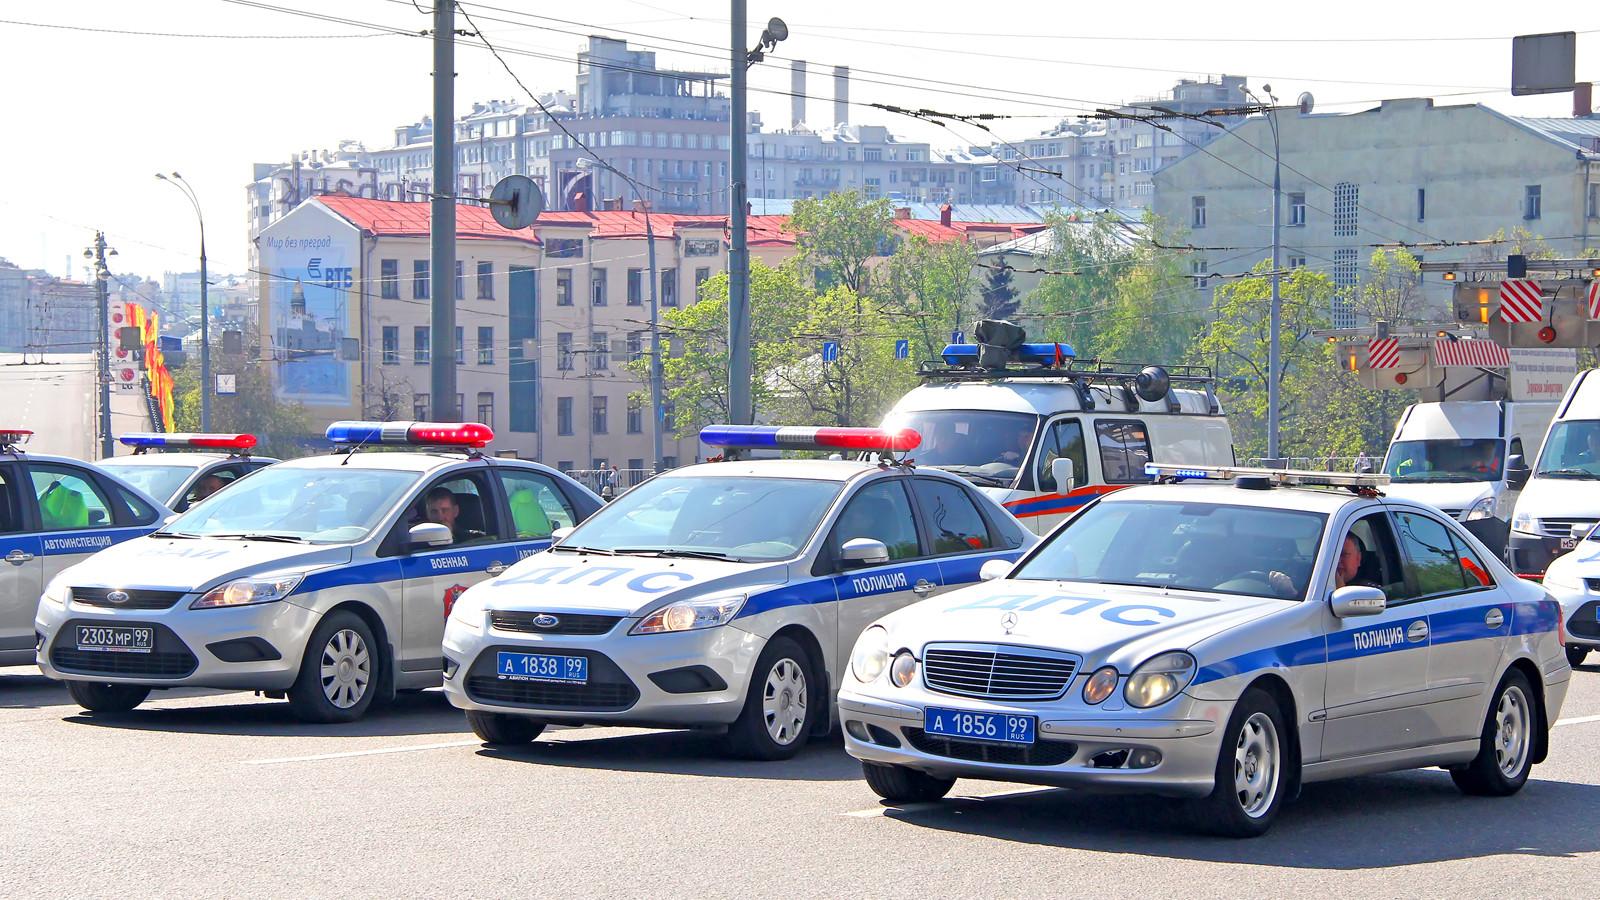 Водителей припугнули лишением прав занепропуск авто смигалкой